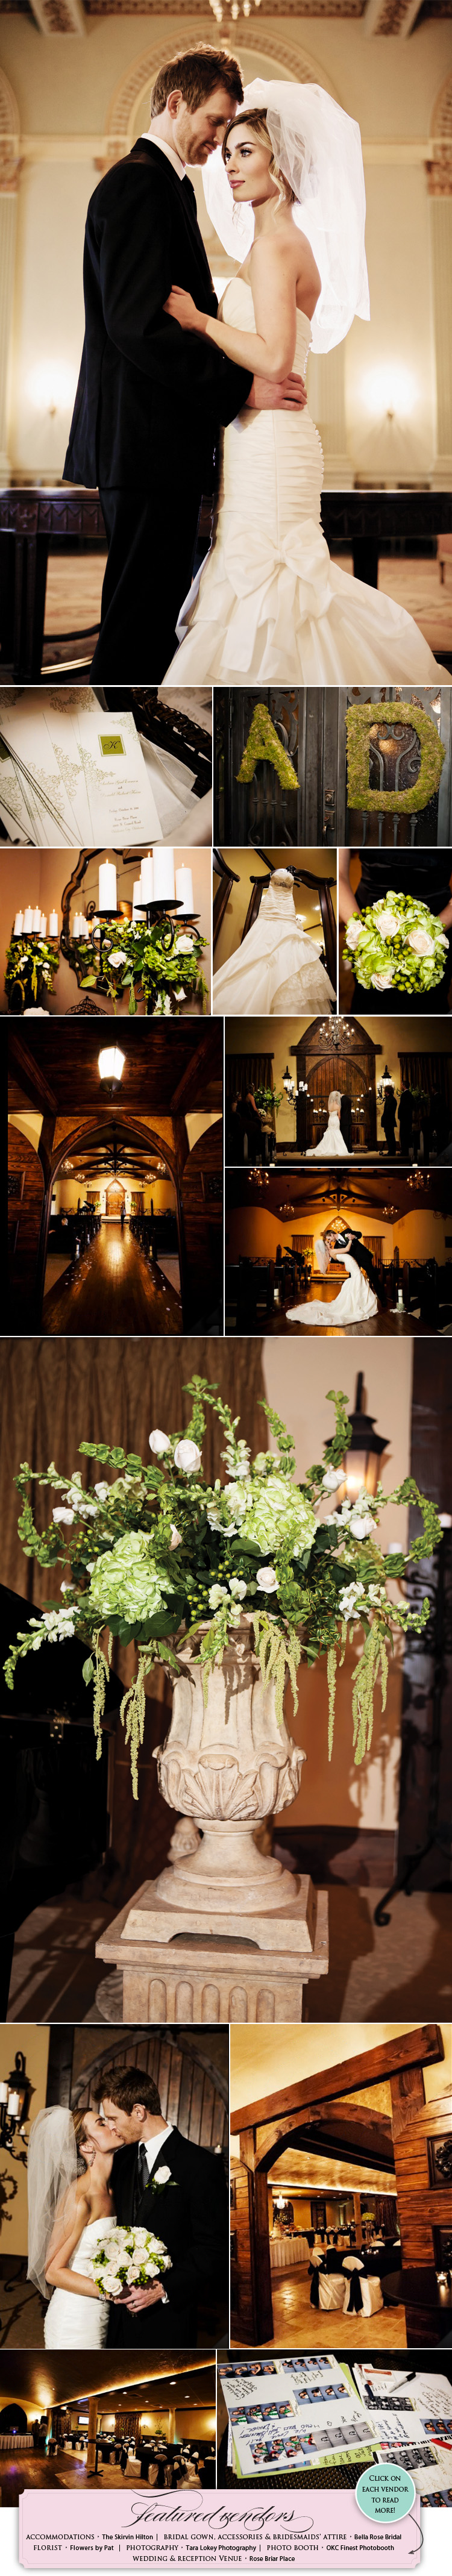 Oklahoma wedding photograher Tara Lokey Photography